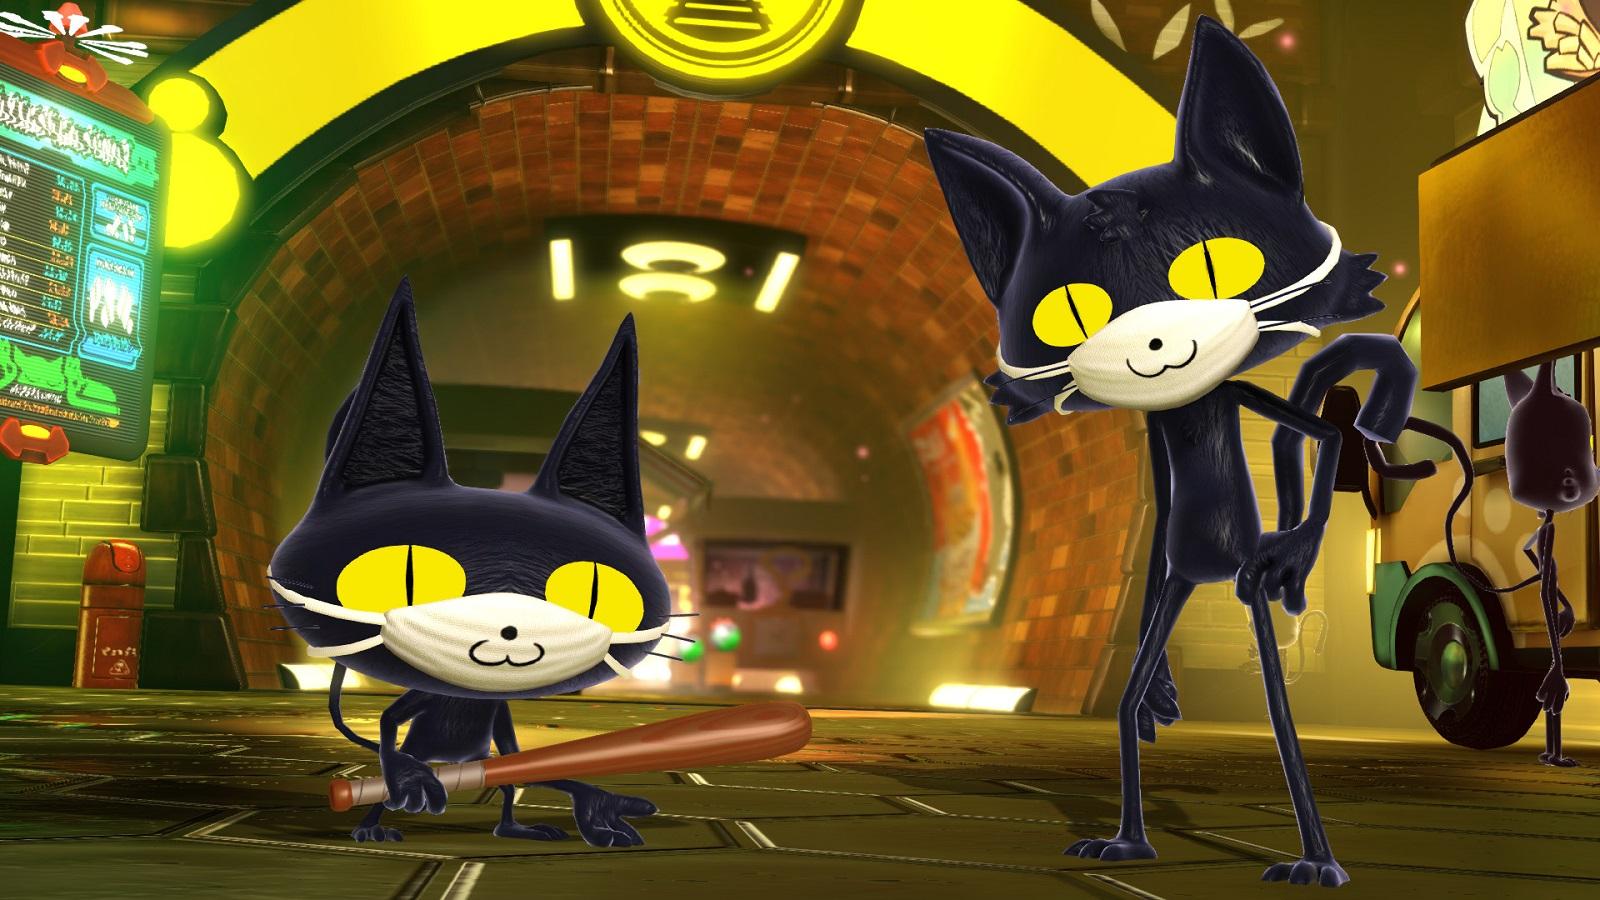 Дополнения к A Hat in Time доберутся до PS4 и Xbox One к концу марта, а на новых консолях появится поддержка 60 кадров/с